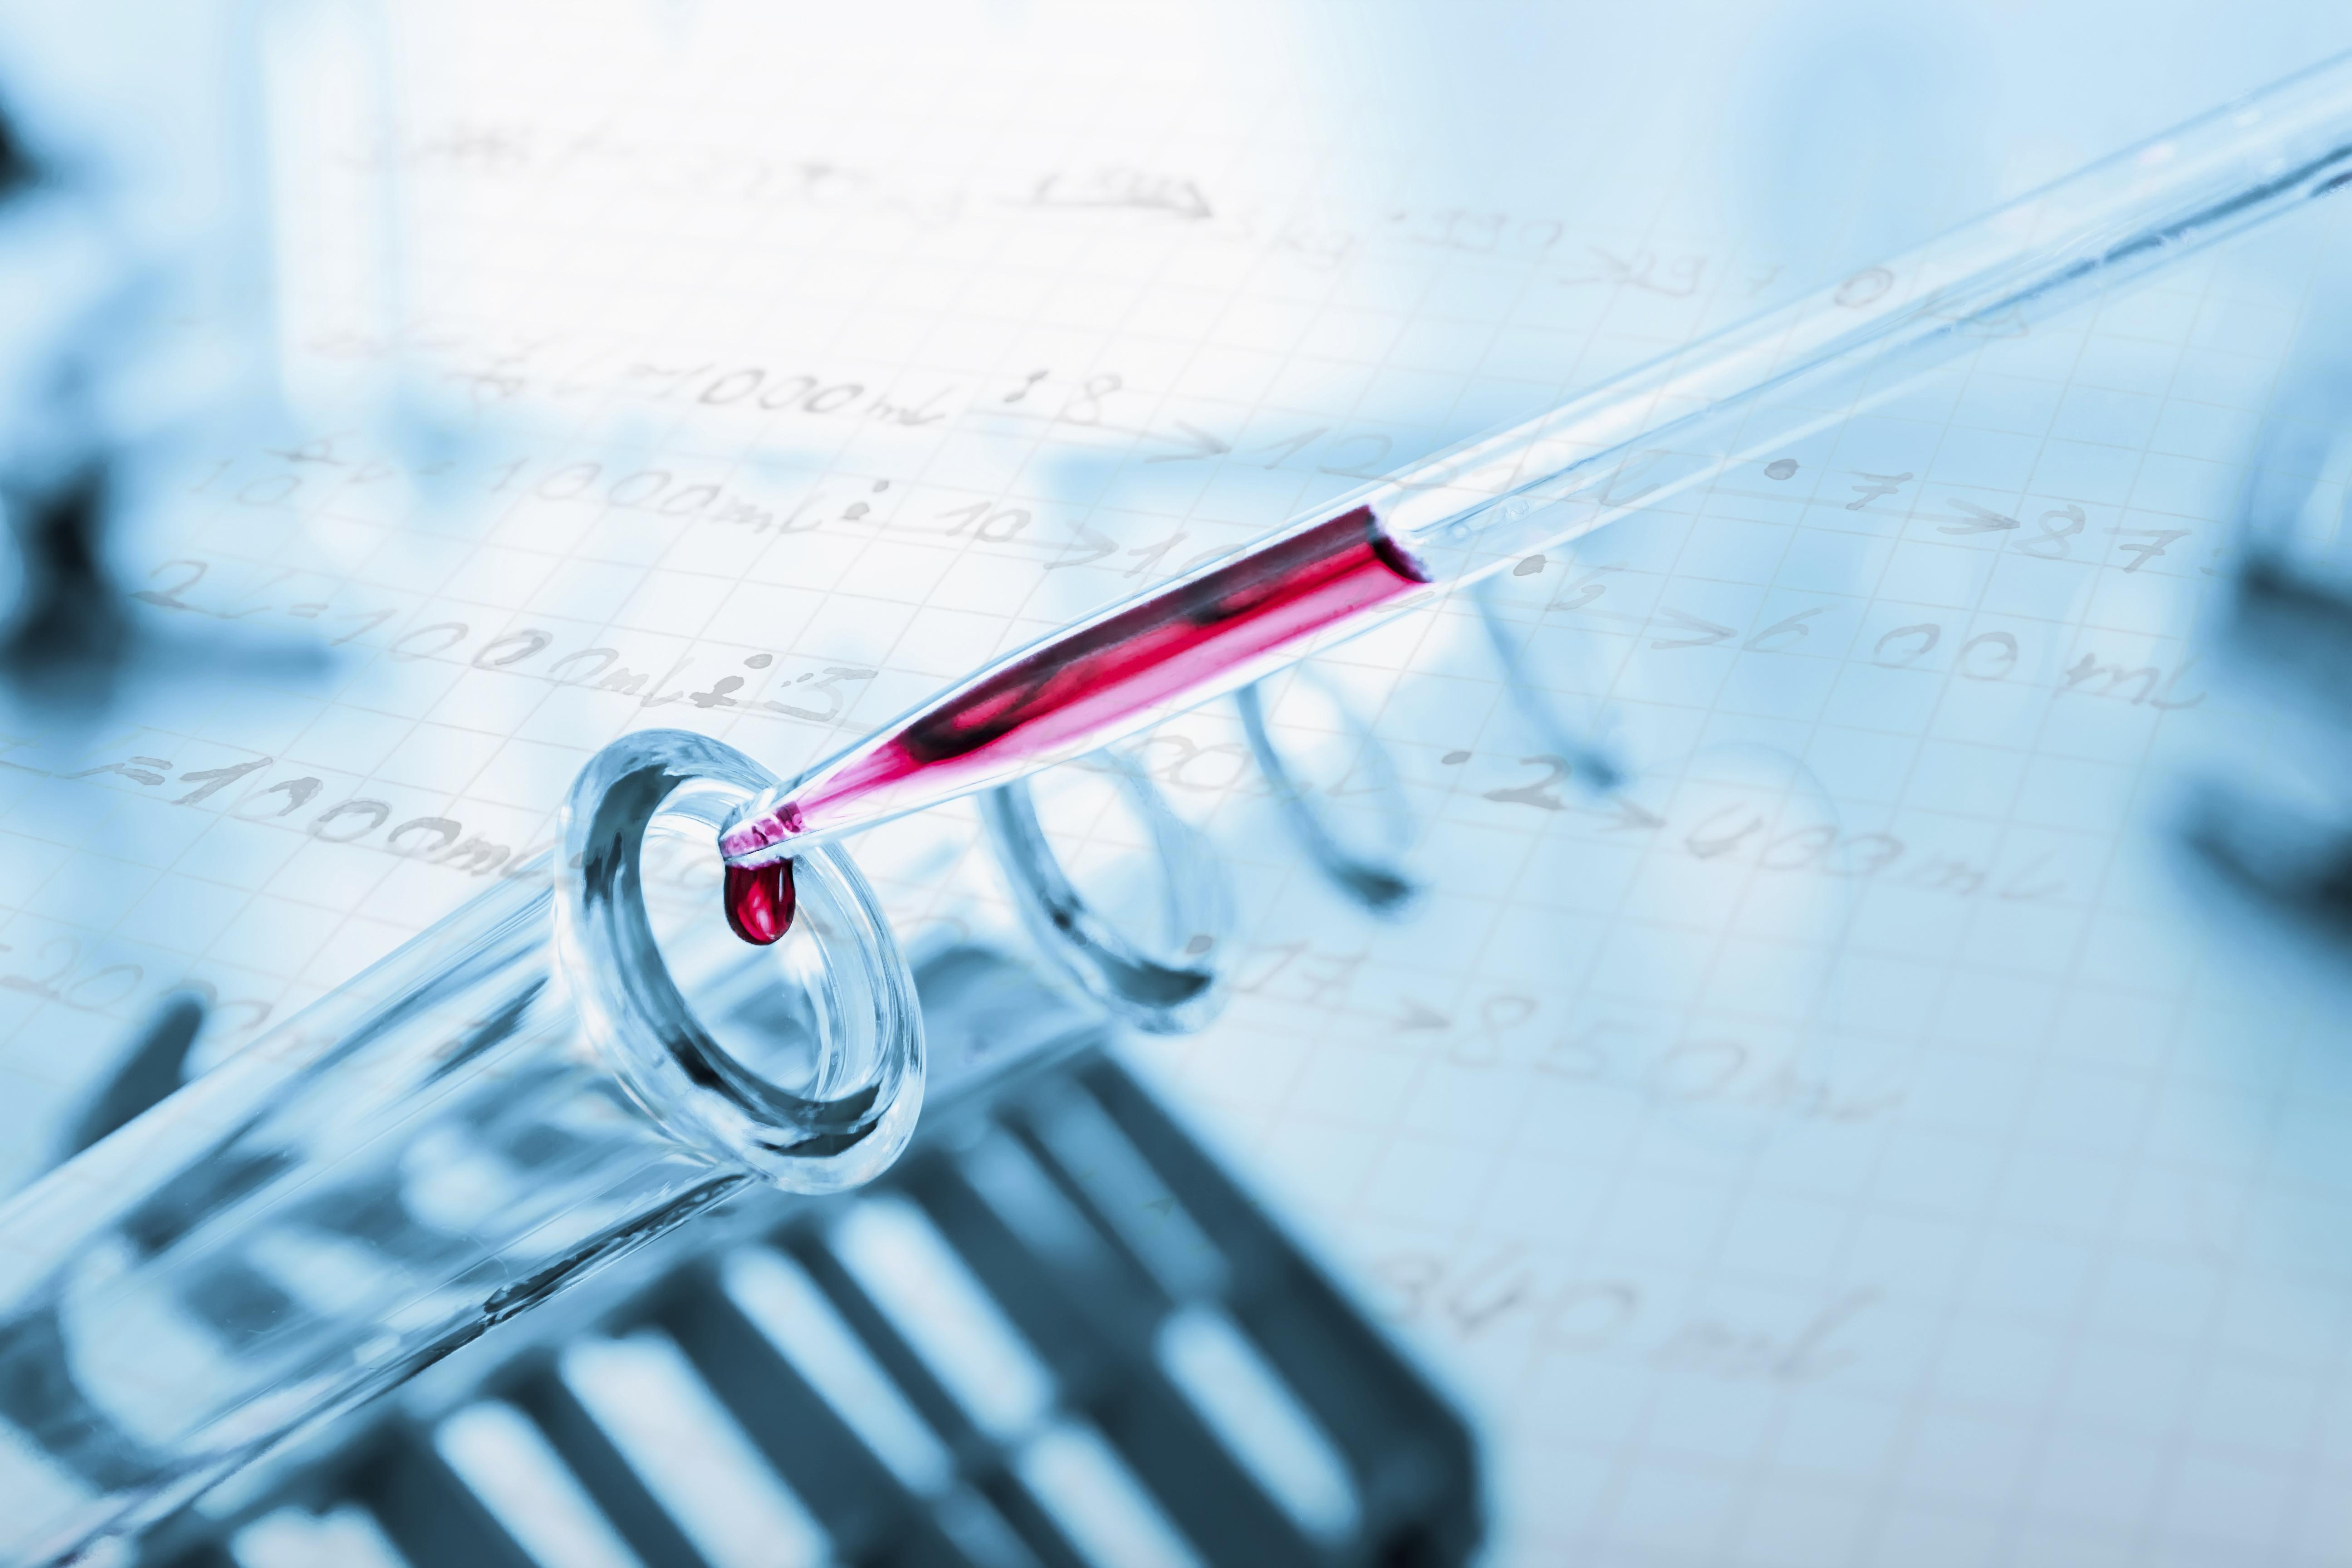 Das Bild zeigt Reagenzgläser und eine Pipette im Labor.